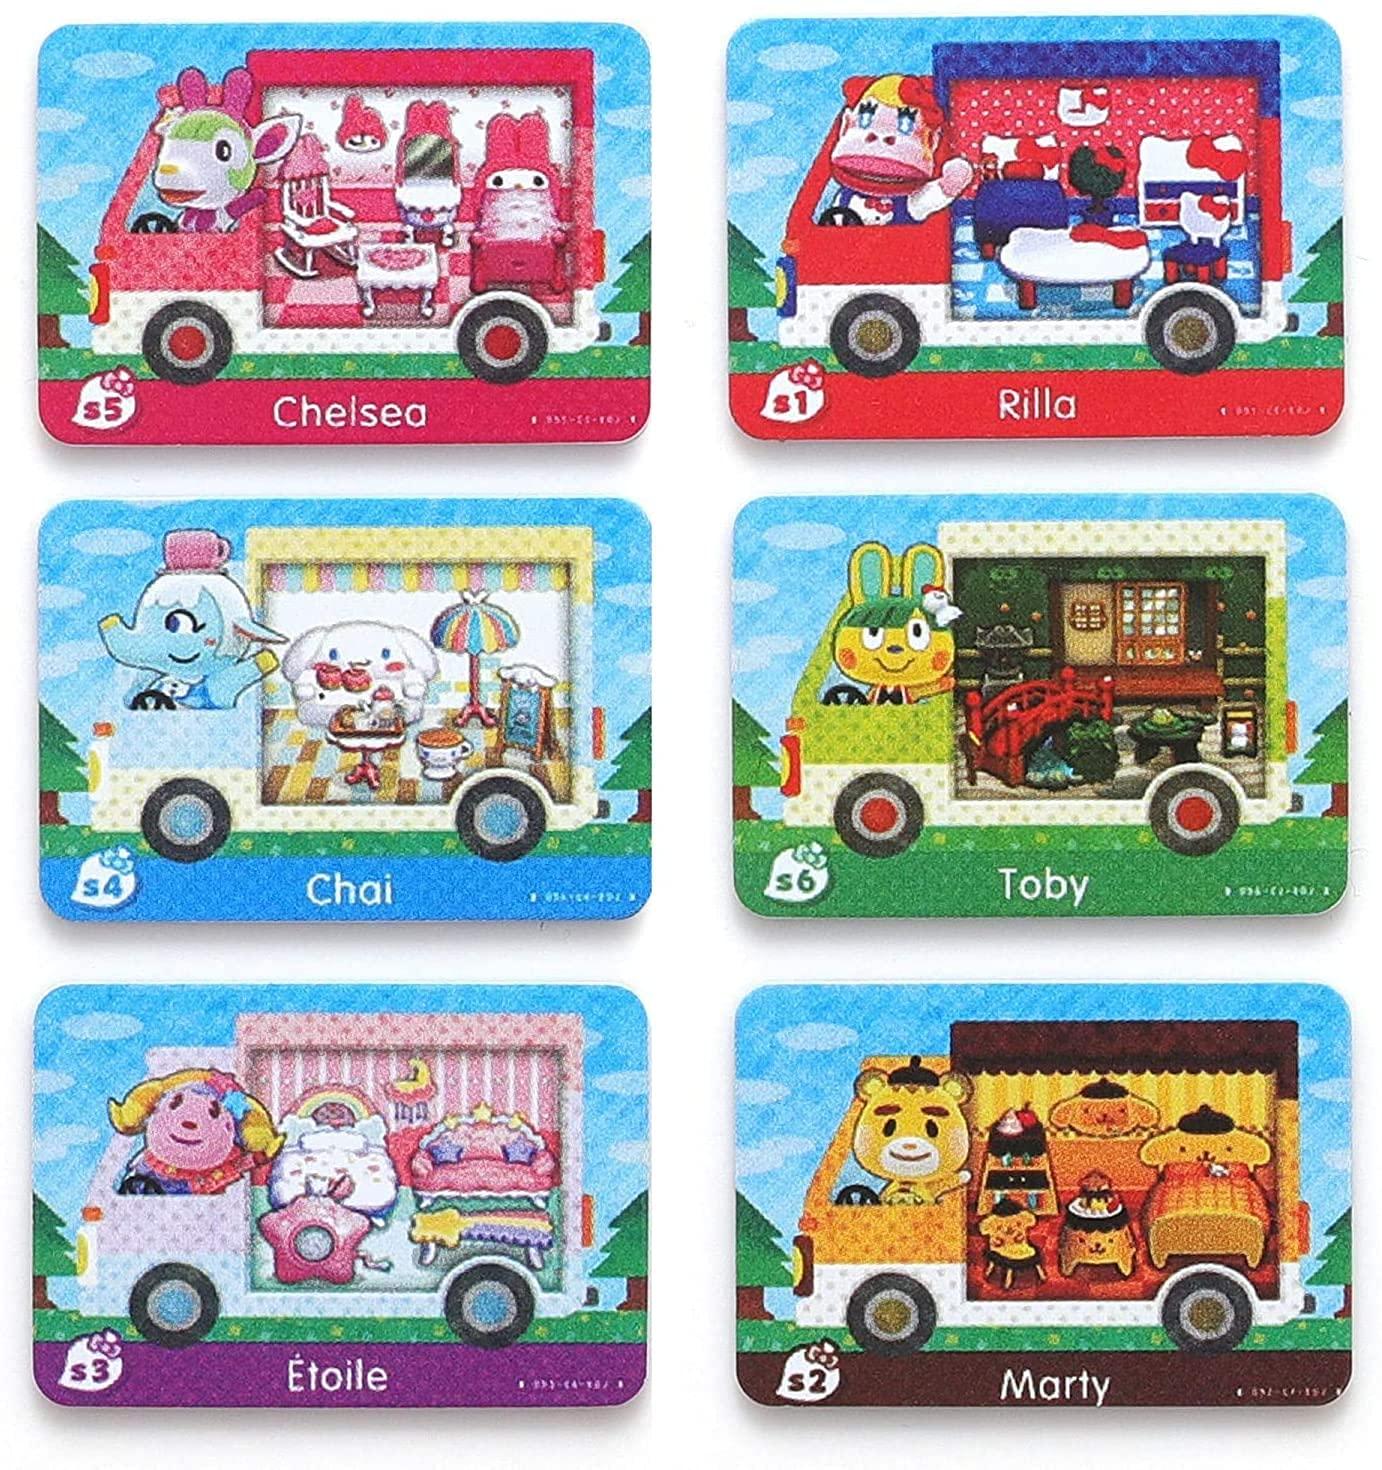 6 개 NFC AMIIBO 희귀 RV 마을 가구 카드 동물 횡단 새로운 지평 새로운 지평 마을 카드 호환 닌텐도 스위치   라이트   WII U   새로운 3DS